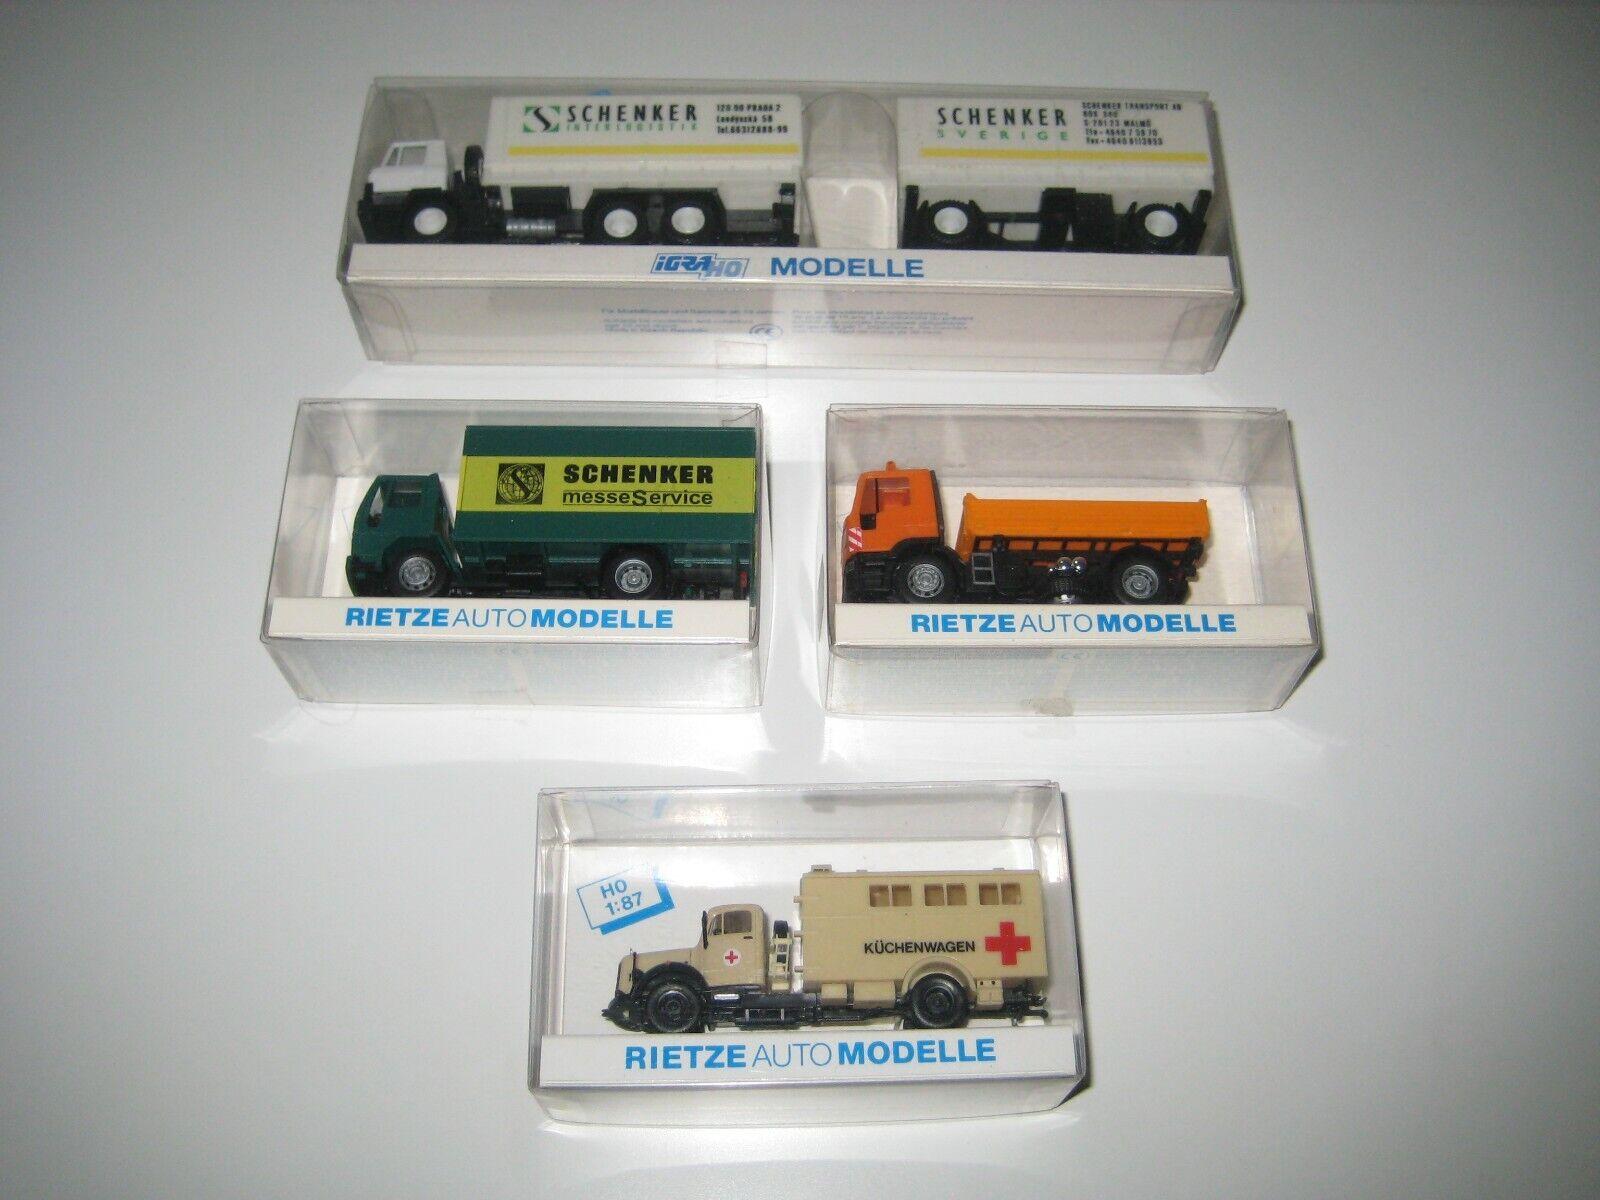 Rietze Auto Modelle H0 60119, 60605, 60101 & 696 - 4 caminones